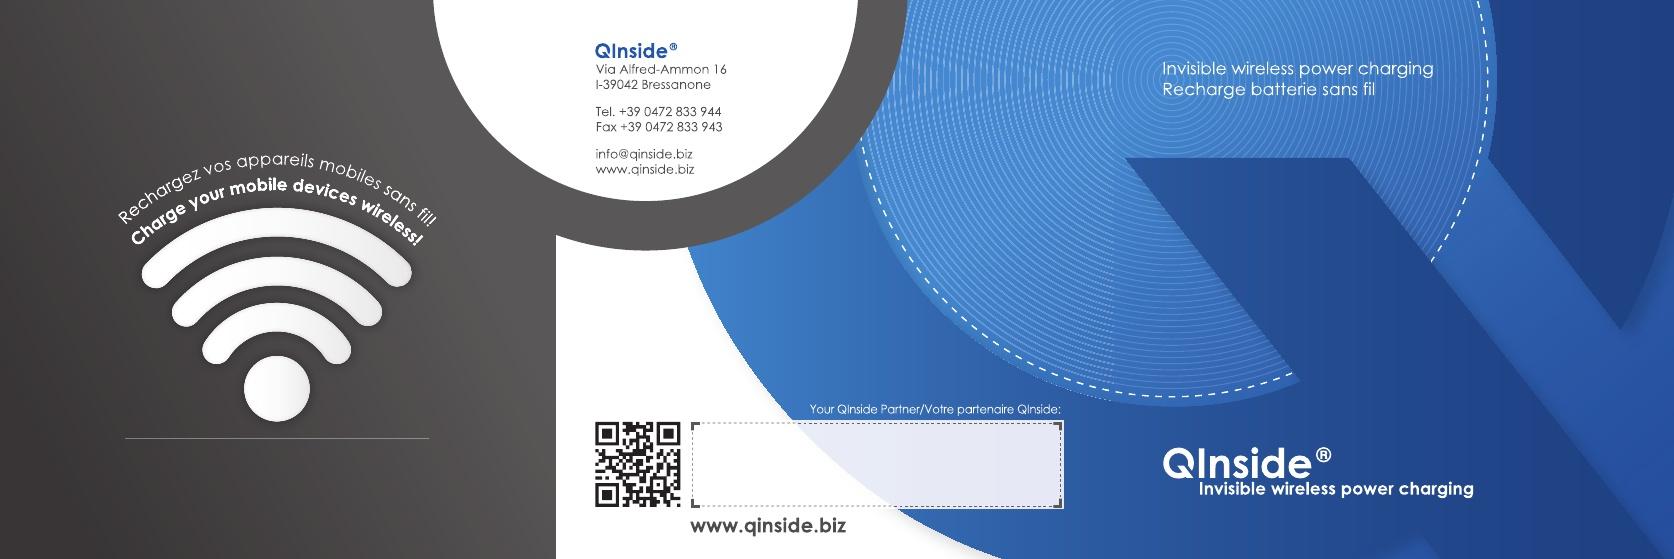 Flyer Qinside 2013